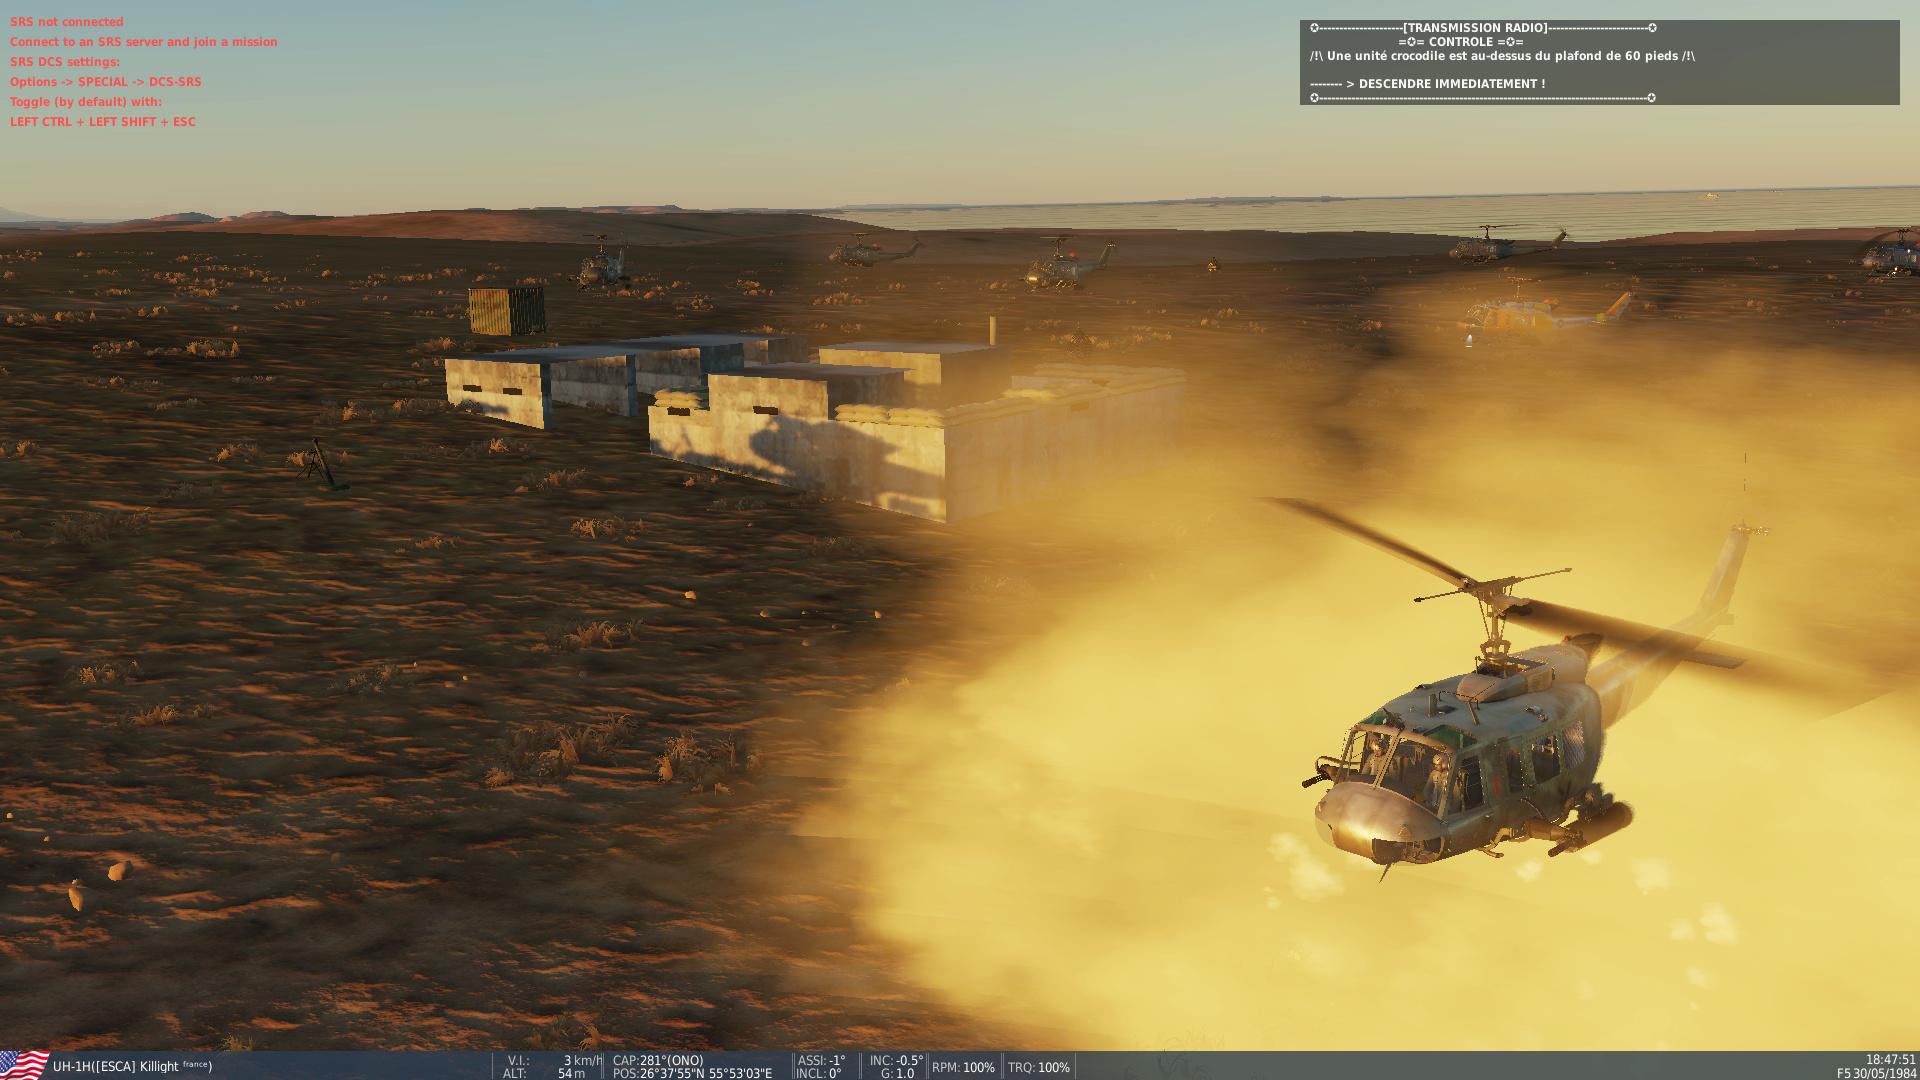 [Cursus UH-1H Huey] Photos de nos missions - Page 2 Screen13